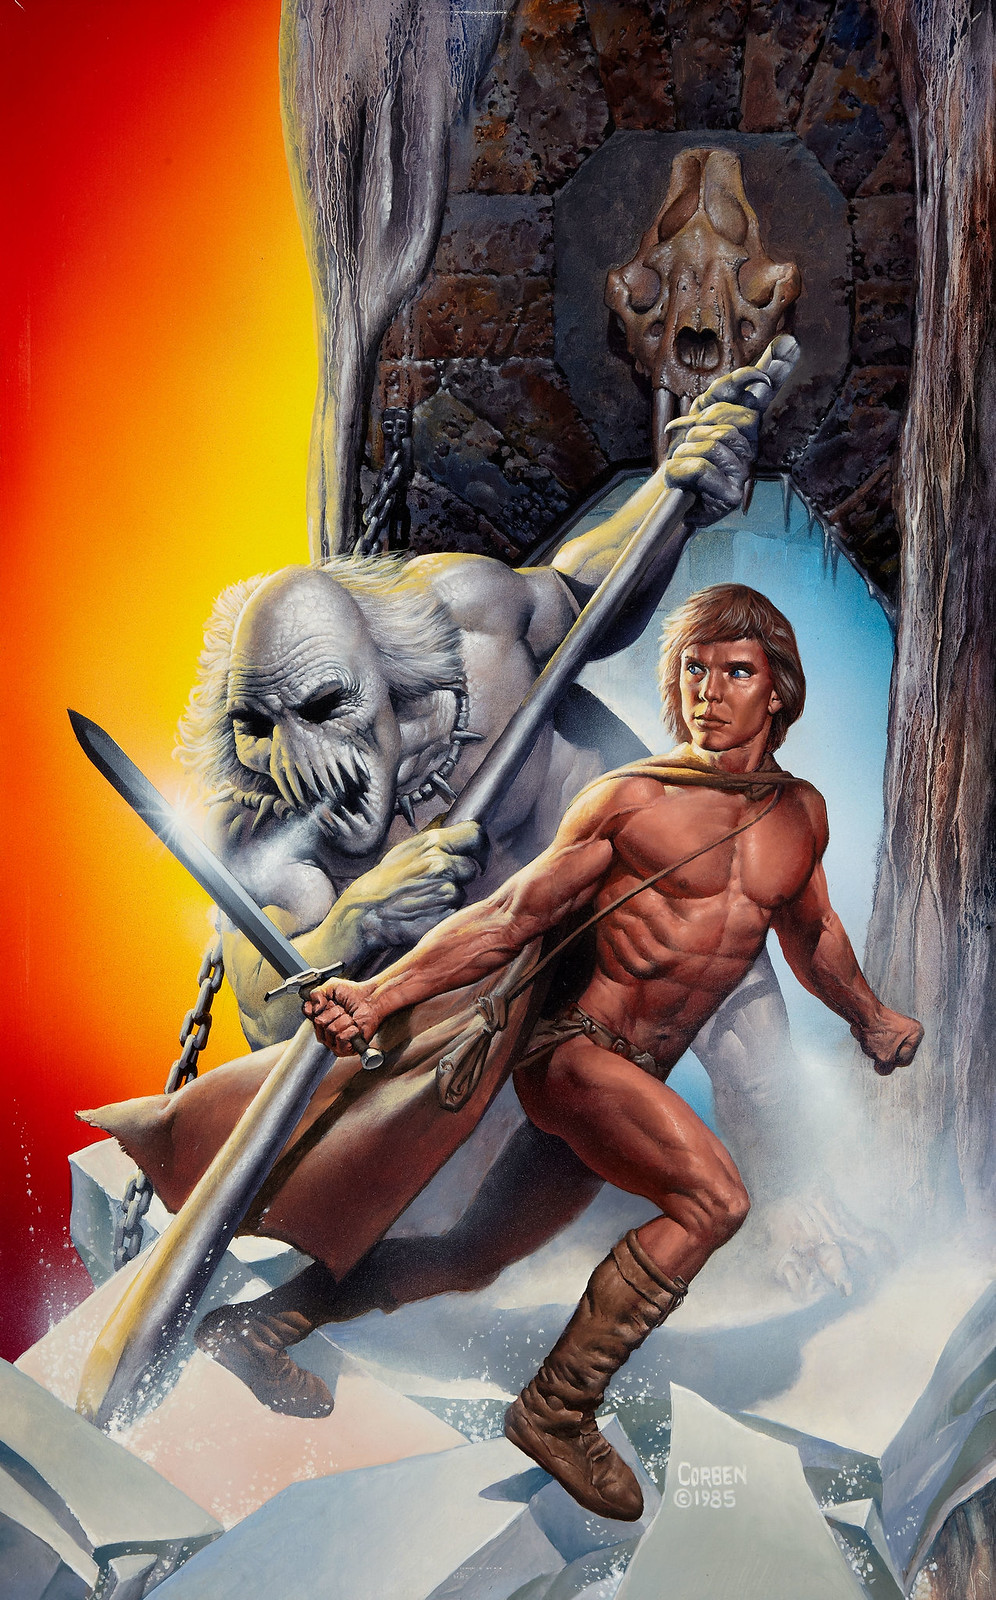 Richard Corben - Sagard the Barbarian Gamebook #1 The Ice Dragon Cover, 1985